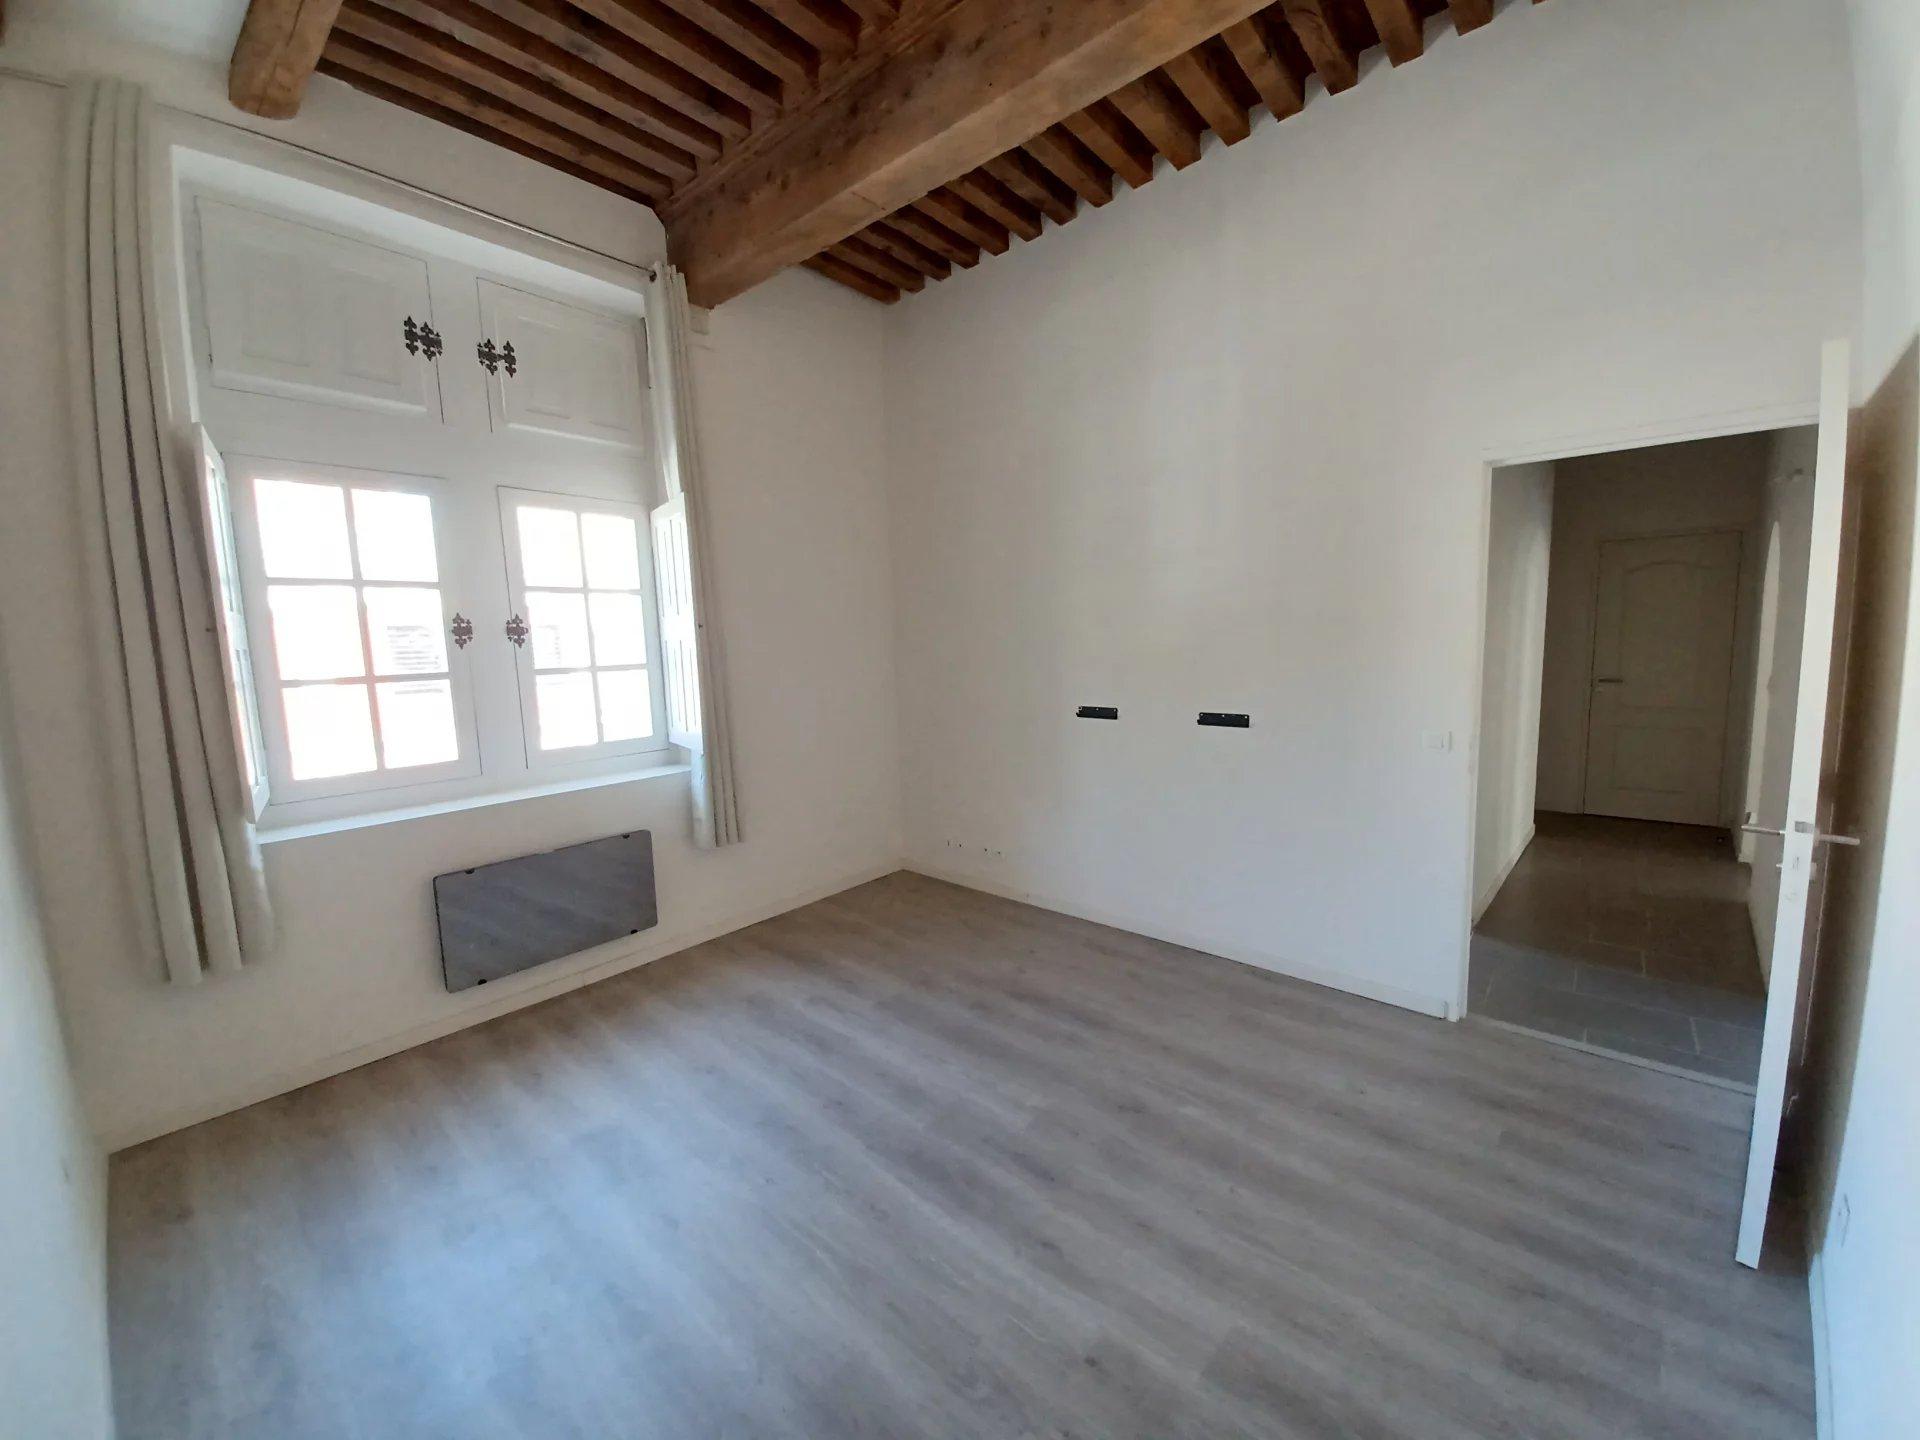 Location Appartement BEAUCAIRE séjour de 45 m²